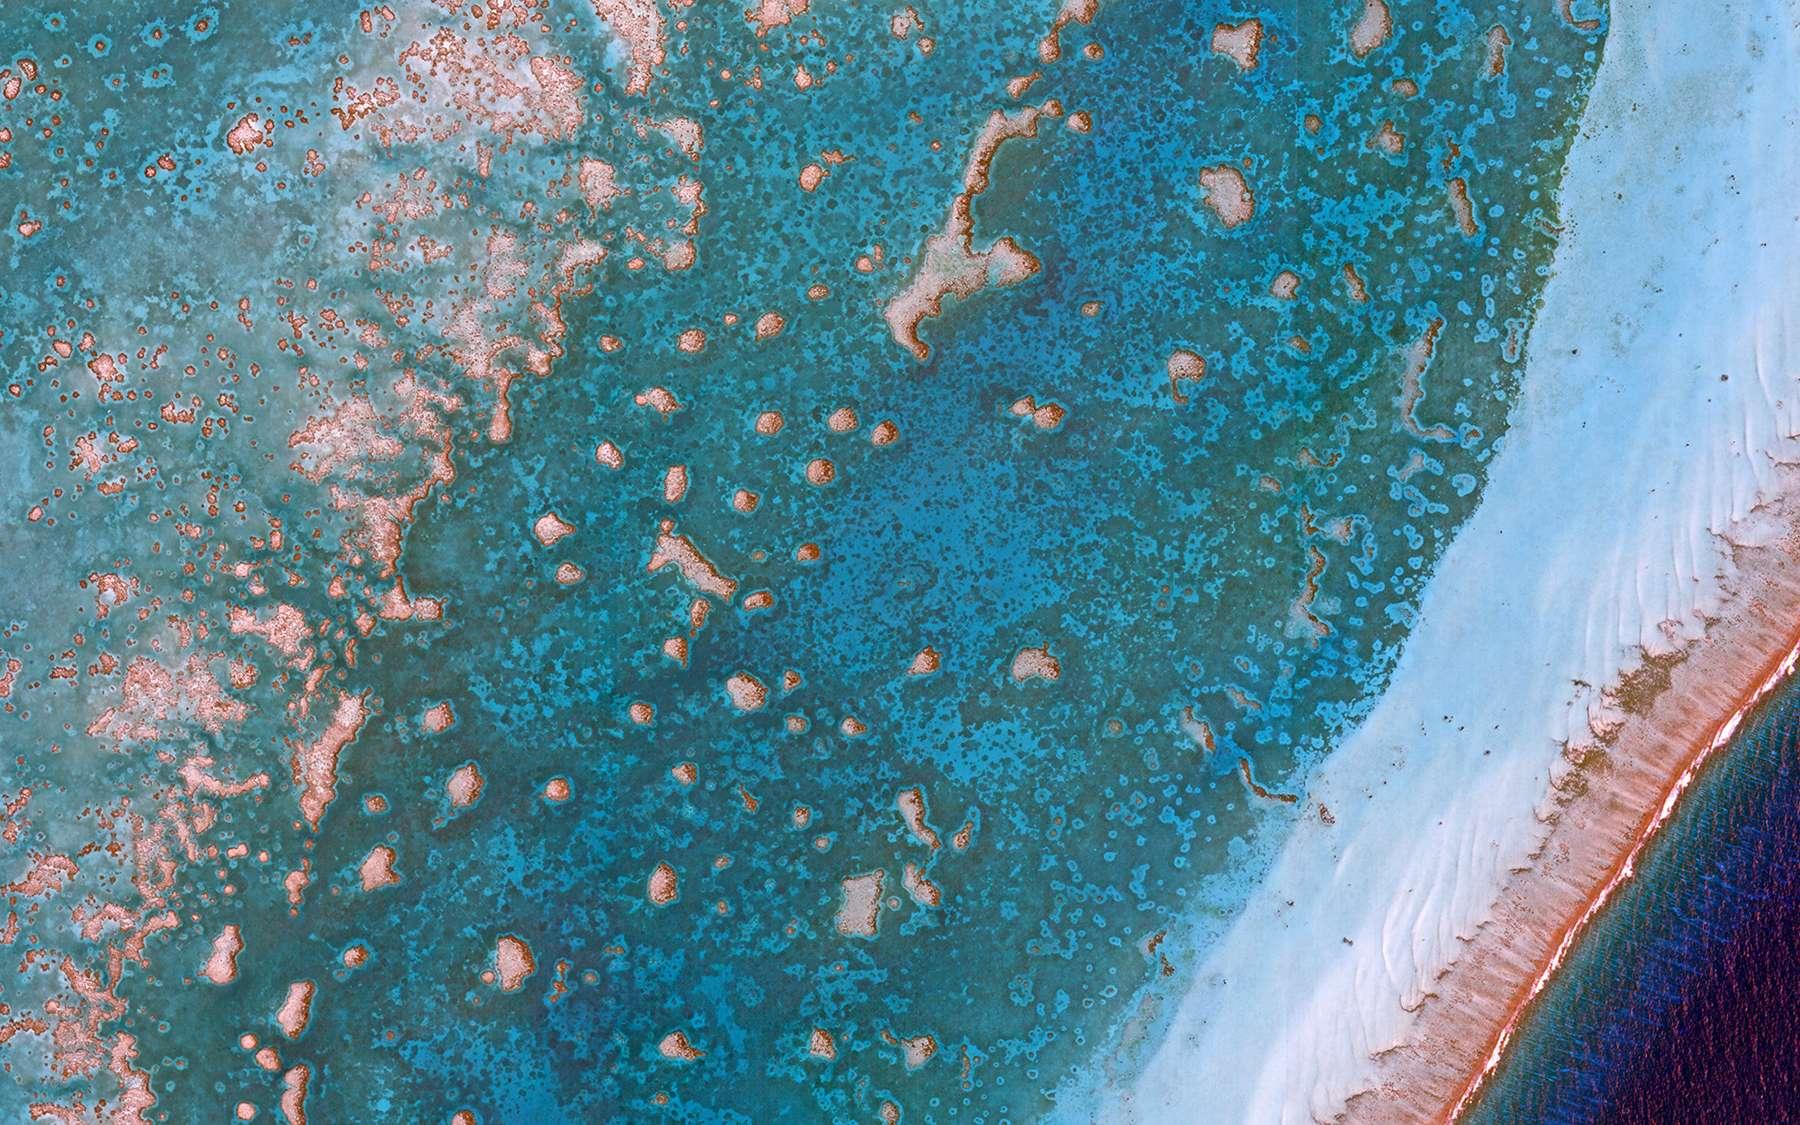 Les récifs coralliens vont être surveillés par satellite. Ici, le récif corallien du Belize. © Planet Lab 2018